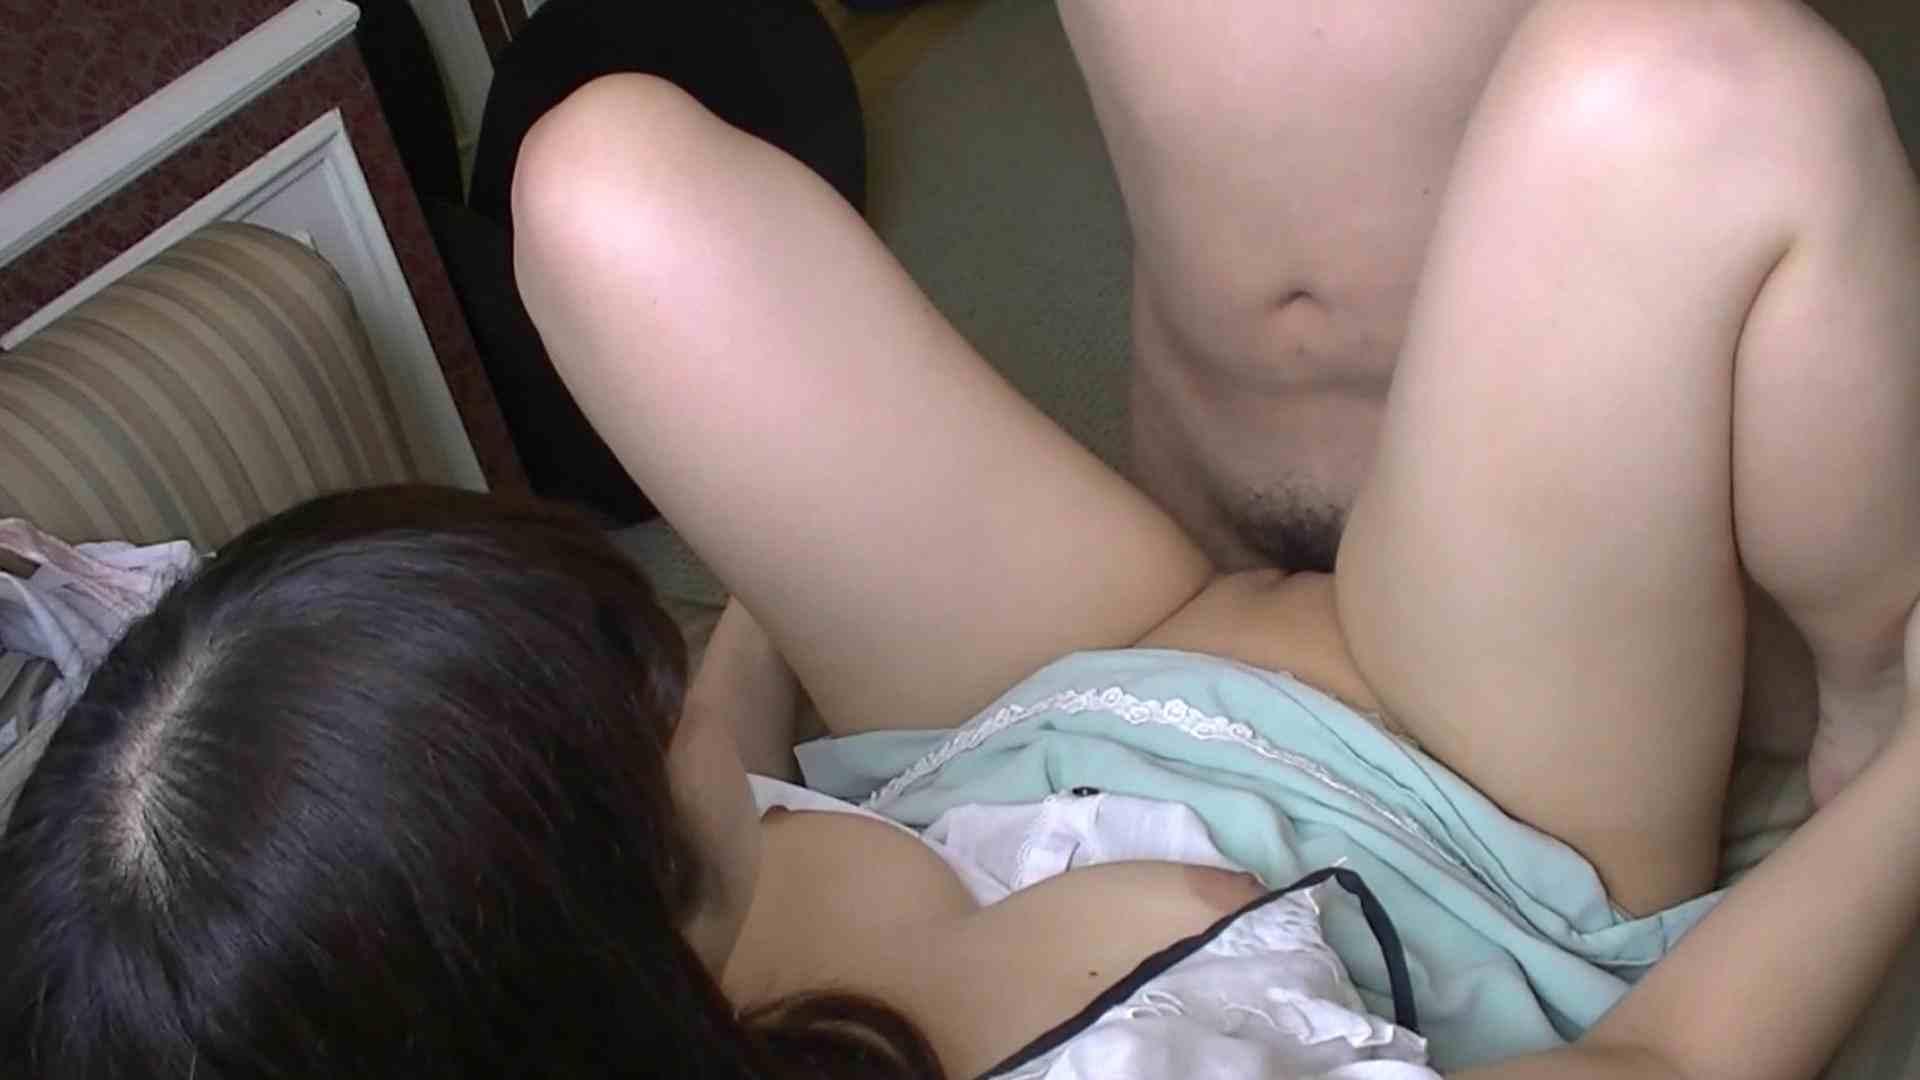 まだイッた経験のない乙女たち Vol.22 乙女ヌード天国  87PIX 34